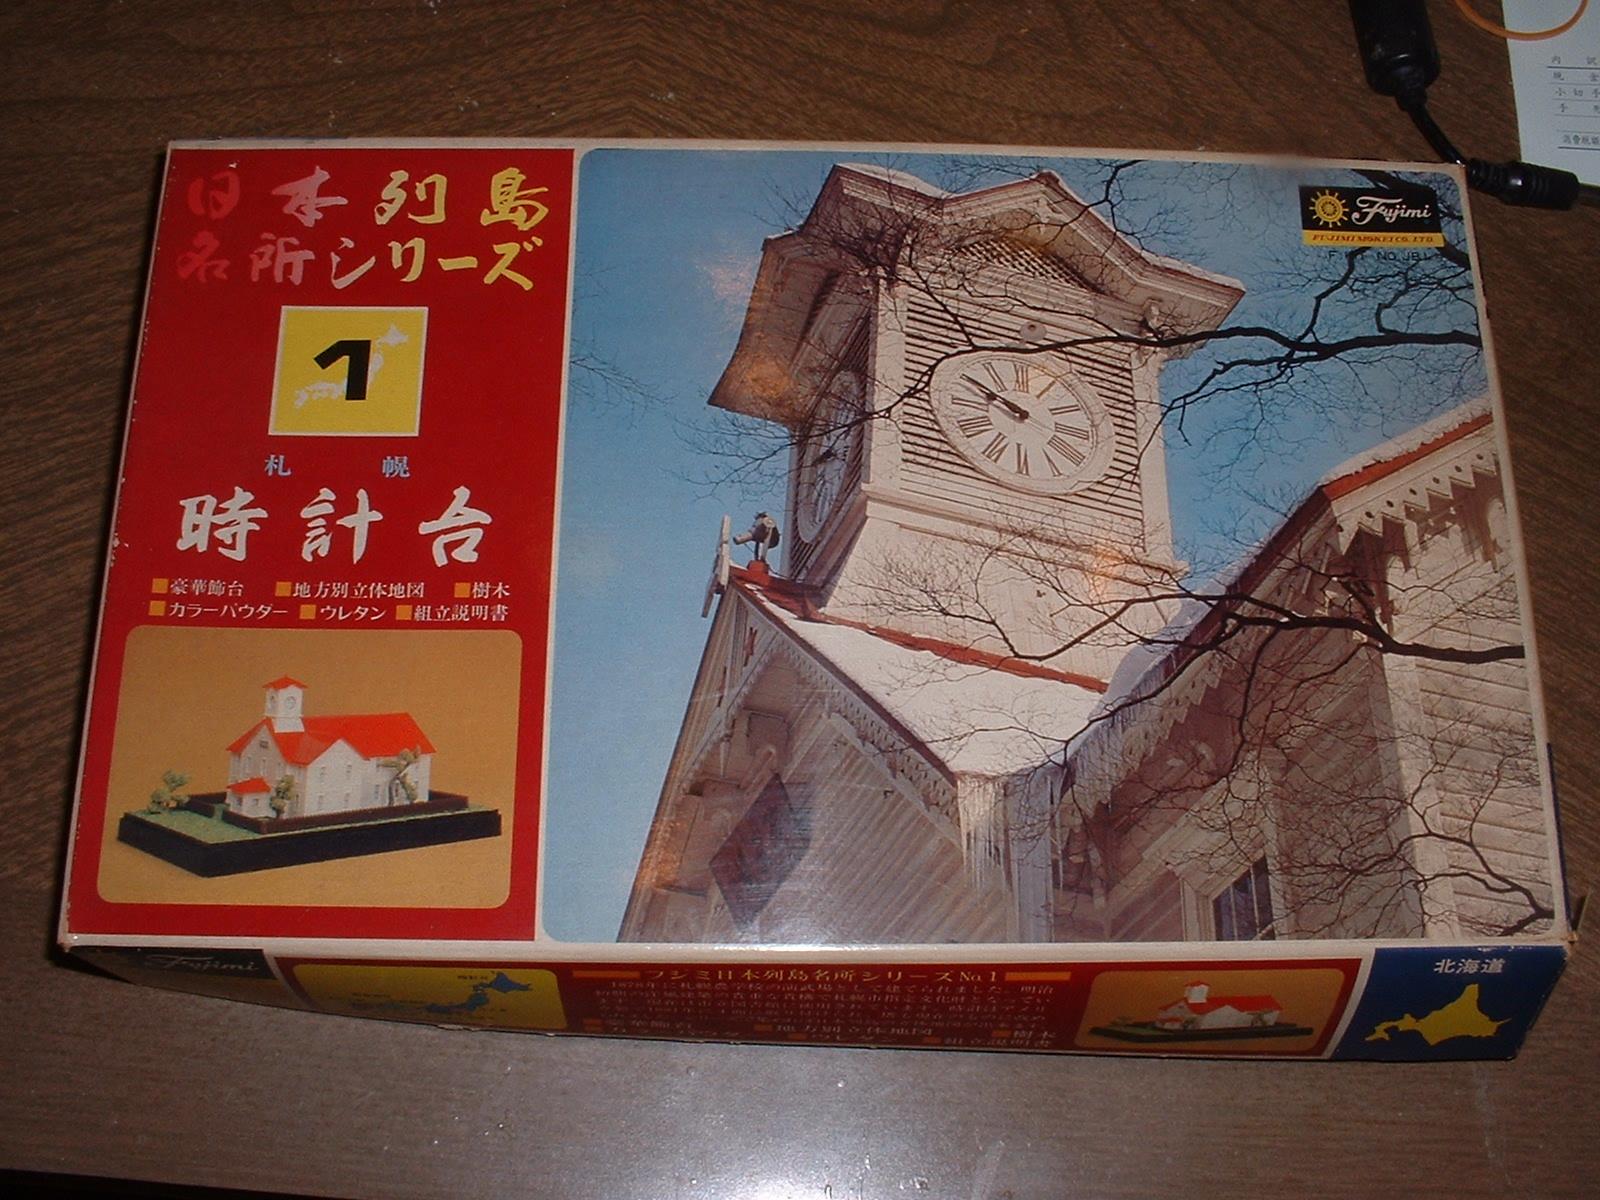 フジミ模型㈱ 日本列島名所シリーズ「時計台」 Doburoku-TAO.JPG